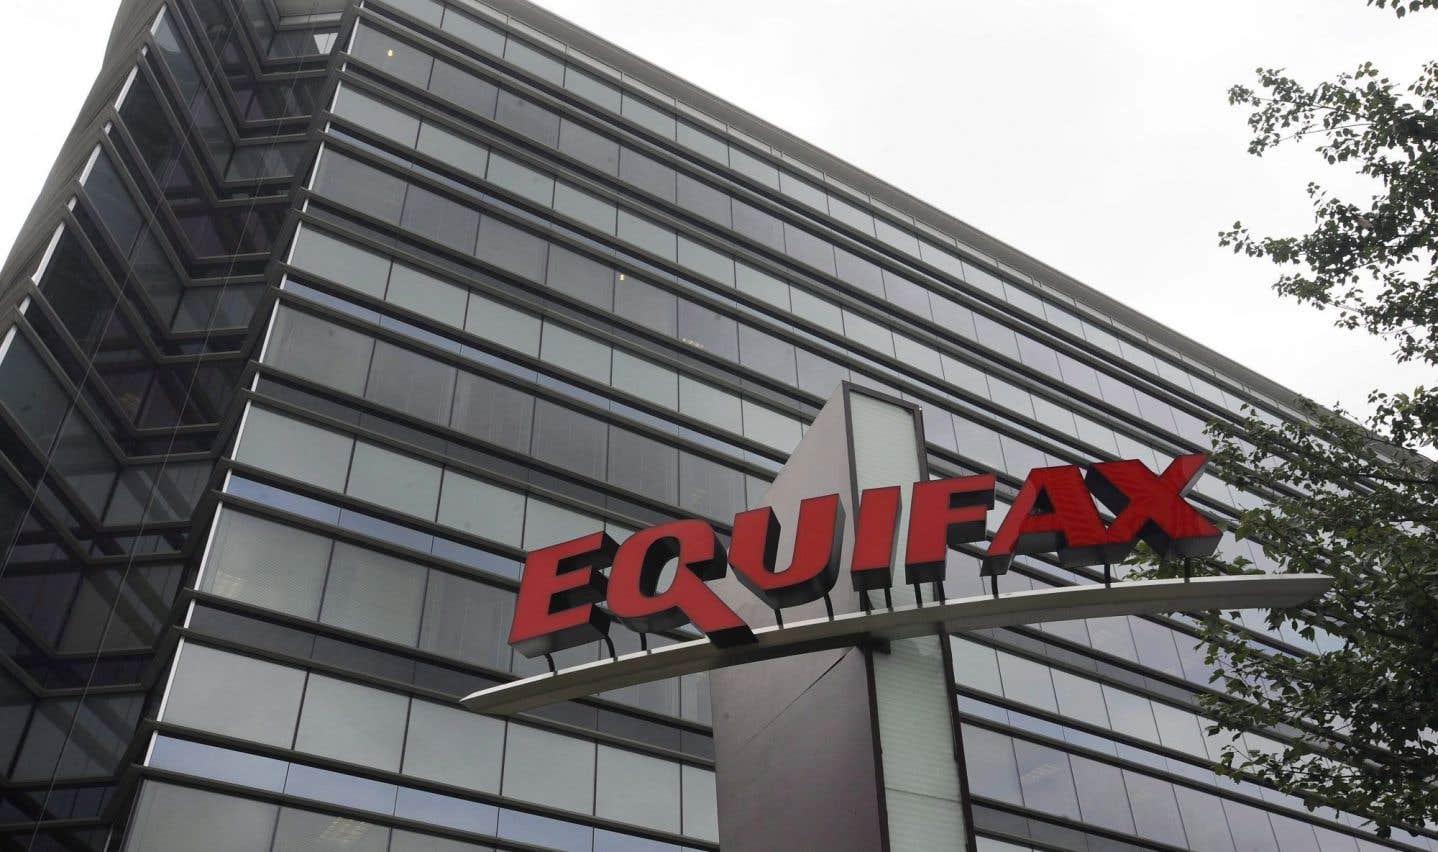 Environ 100000 Canadiens pourraient avoir été touchés par le piratage d'Equifax